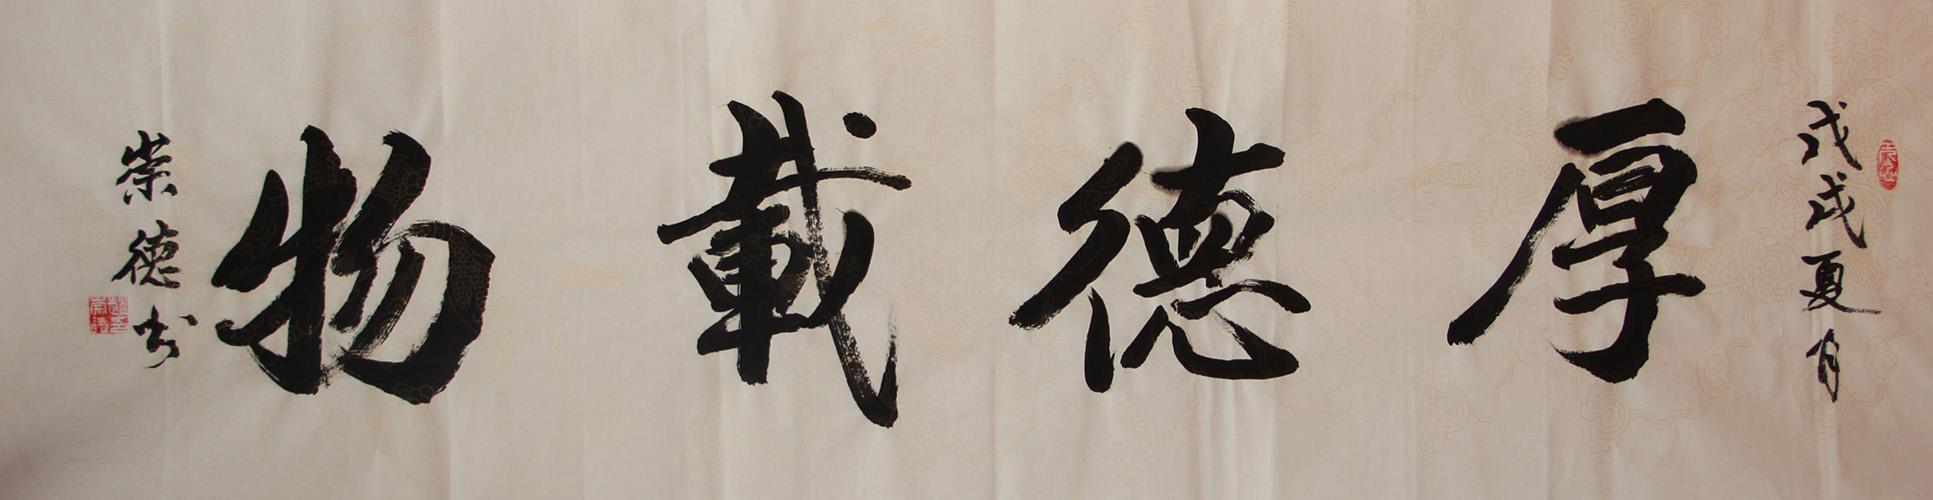 赵崇德作品之一 (1)